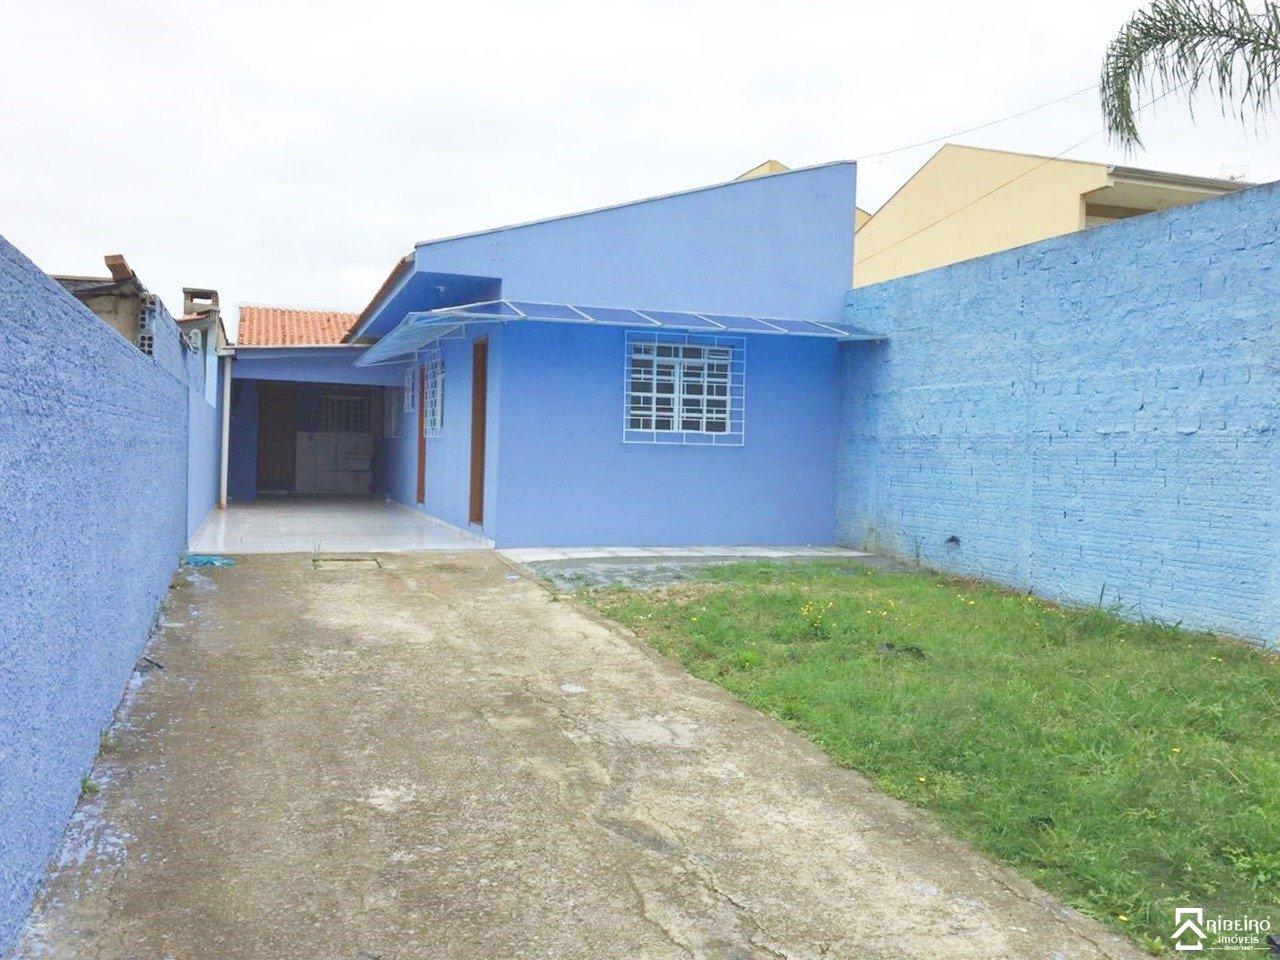 REF. 7056 -  São José Dos Pinhais - Rua  Miguel Alves Da Rocha, 111